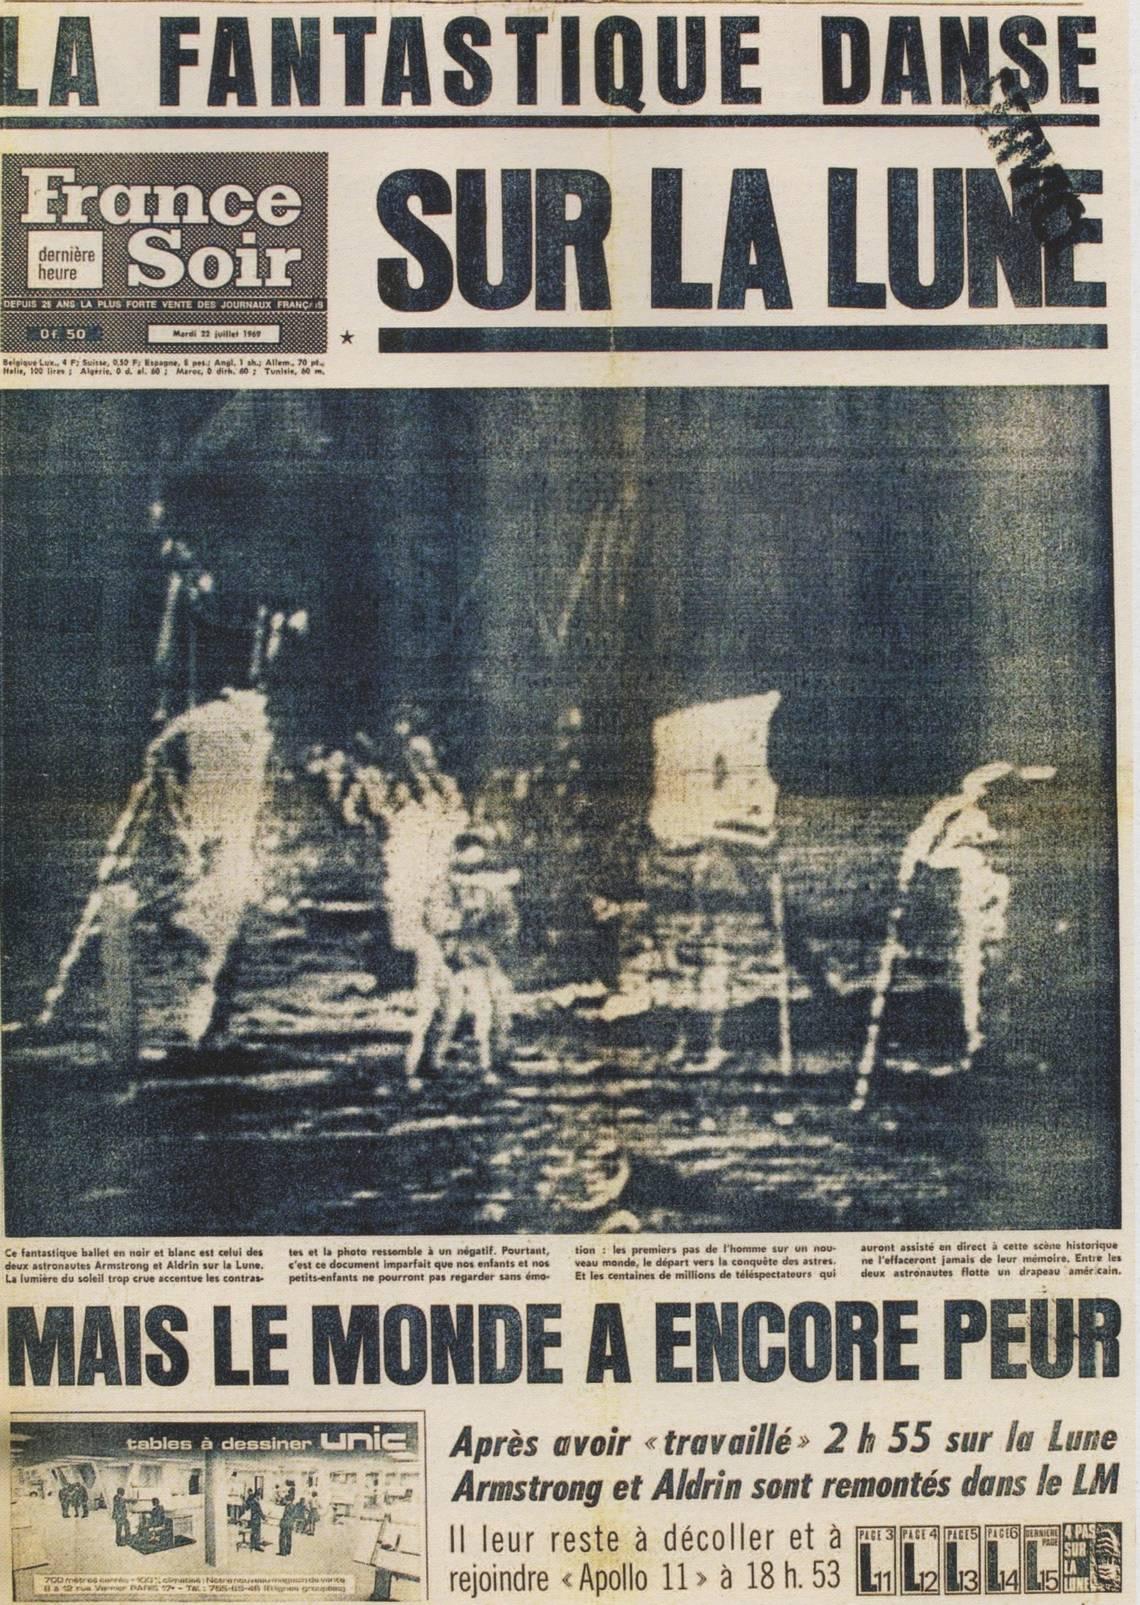 CARTE POSTALE PHOTO 1969 ON A MARCHE SUR LA LUNE